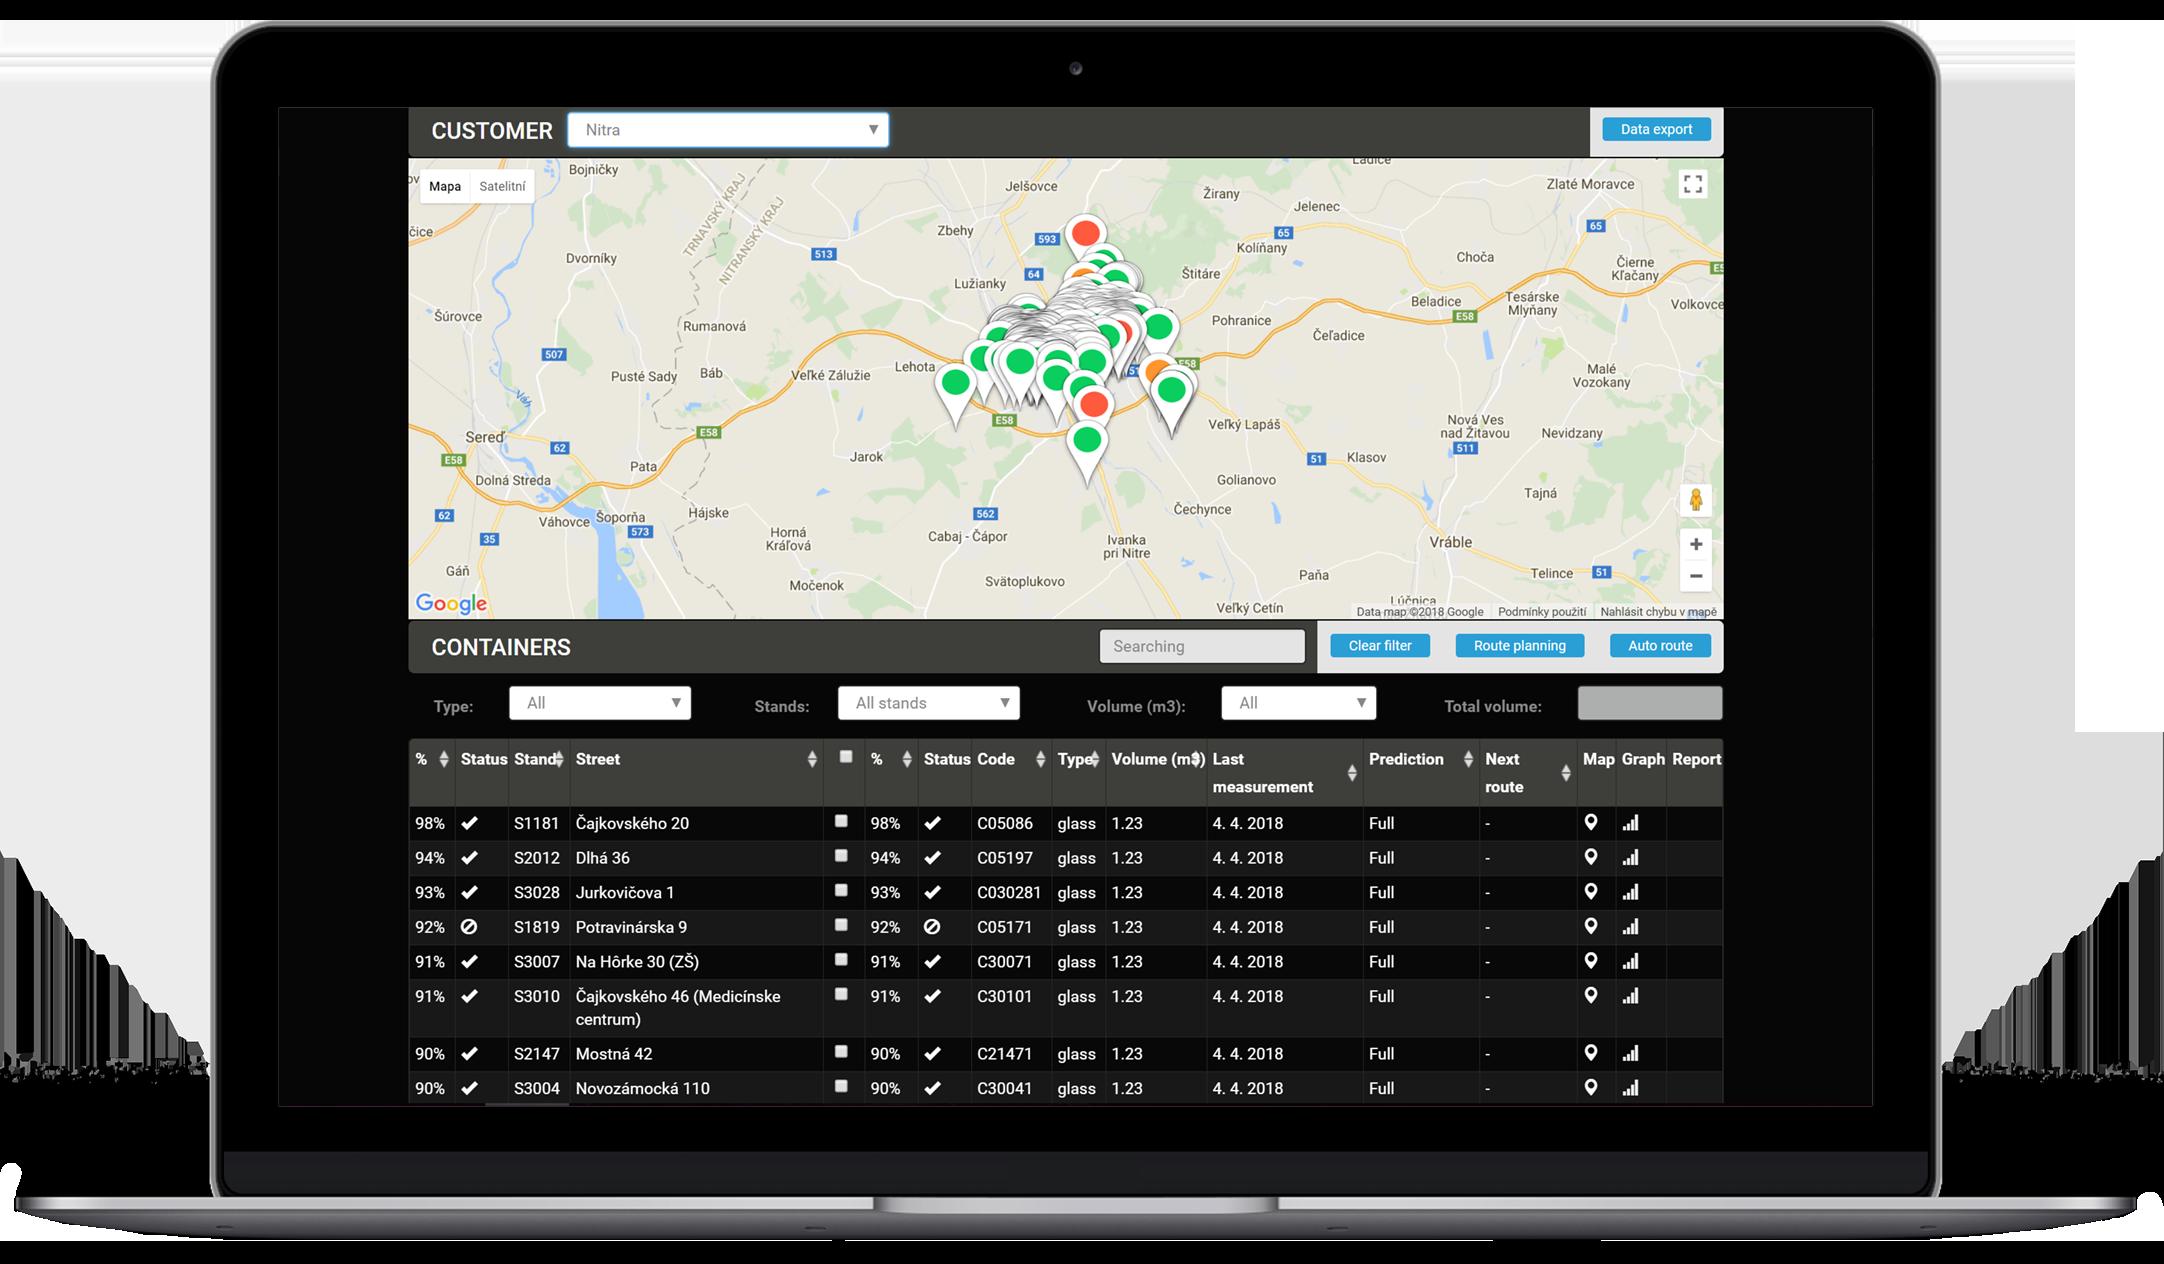 Smart hanteringssystem - Den kraftfulla molnbaserade plattformen gör det möjligt för kunden att konfigurera, övervaka och hantera daglig avfallshantering. Förutom övervakning i realtid, kan verktyget även planera optimala insamlingsvägar och halvautomatisk navigering. Lösningen ligger i MS Azure moln.Fjärrhantera avfall via mobilappar för operatör, förare och medborgare.